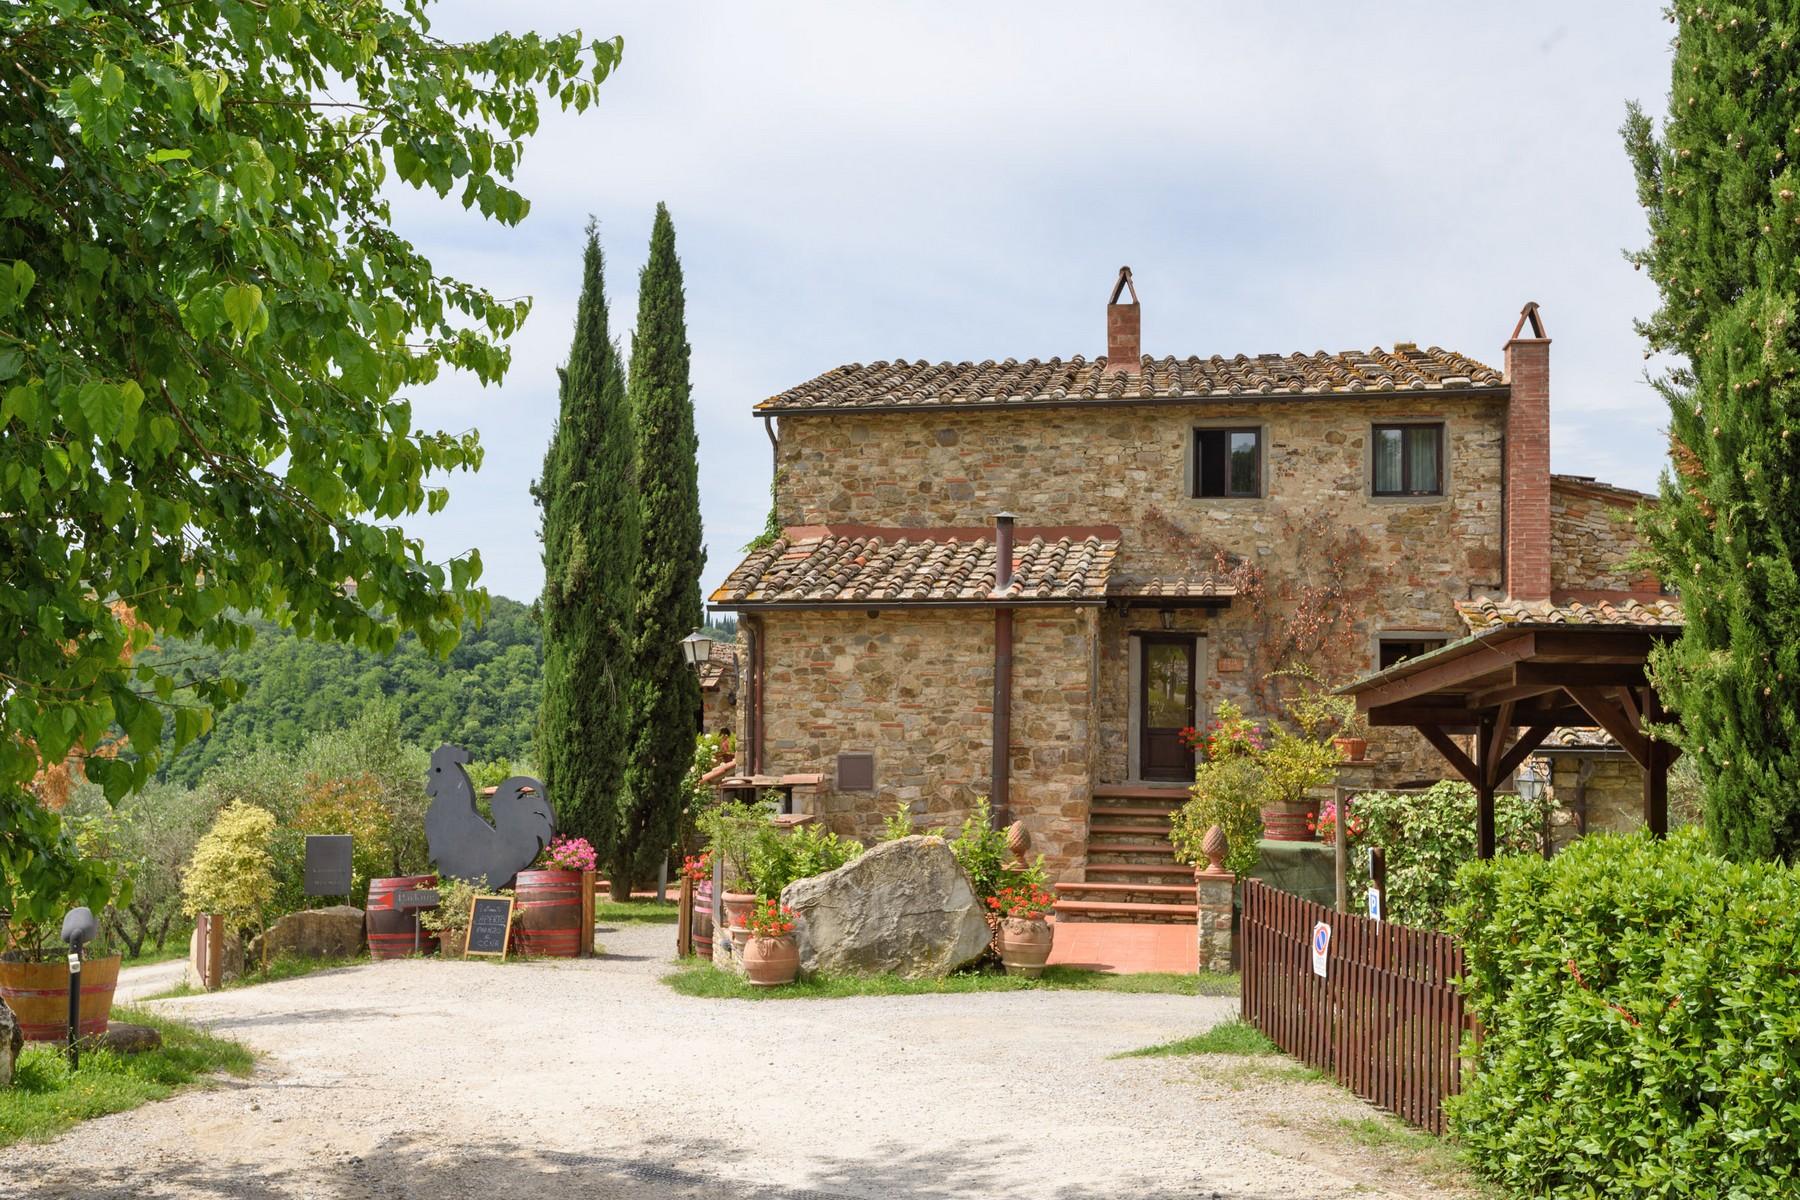 Rustico in Vendita a Gaiole In Chianti: 5 locali, 2170 mq